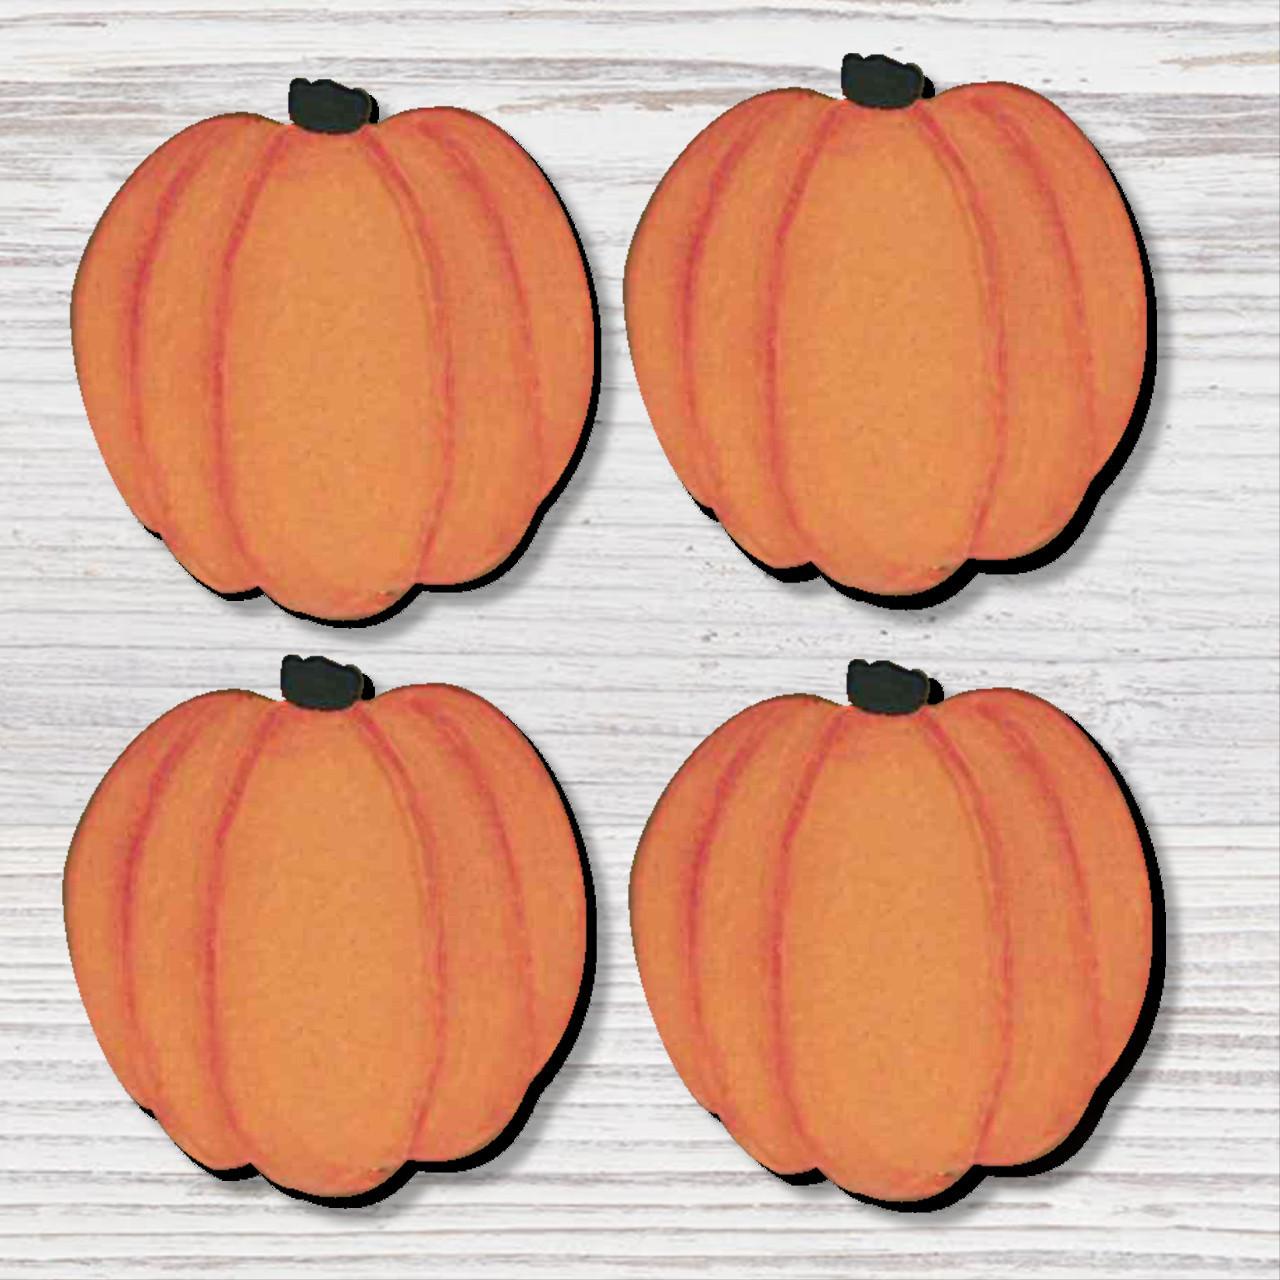 Fall Pumpkin Magnets Thanksgiving Pumpkin Magnets Painted Pumpkin Magnets 3 Pumpkin Magnets Fall Refrigerator Magnets